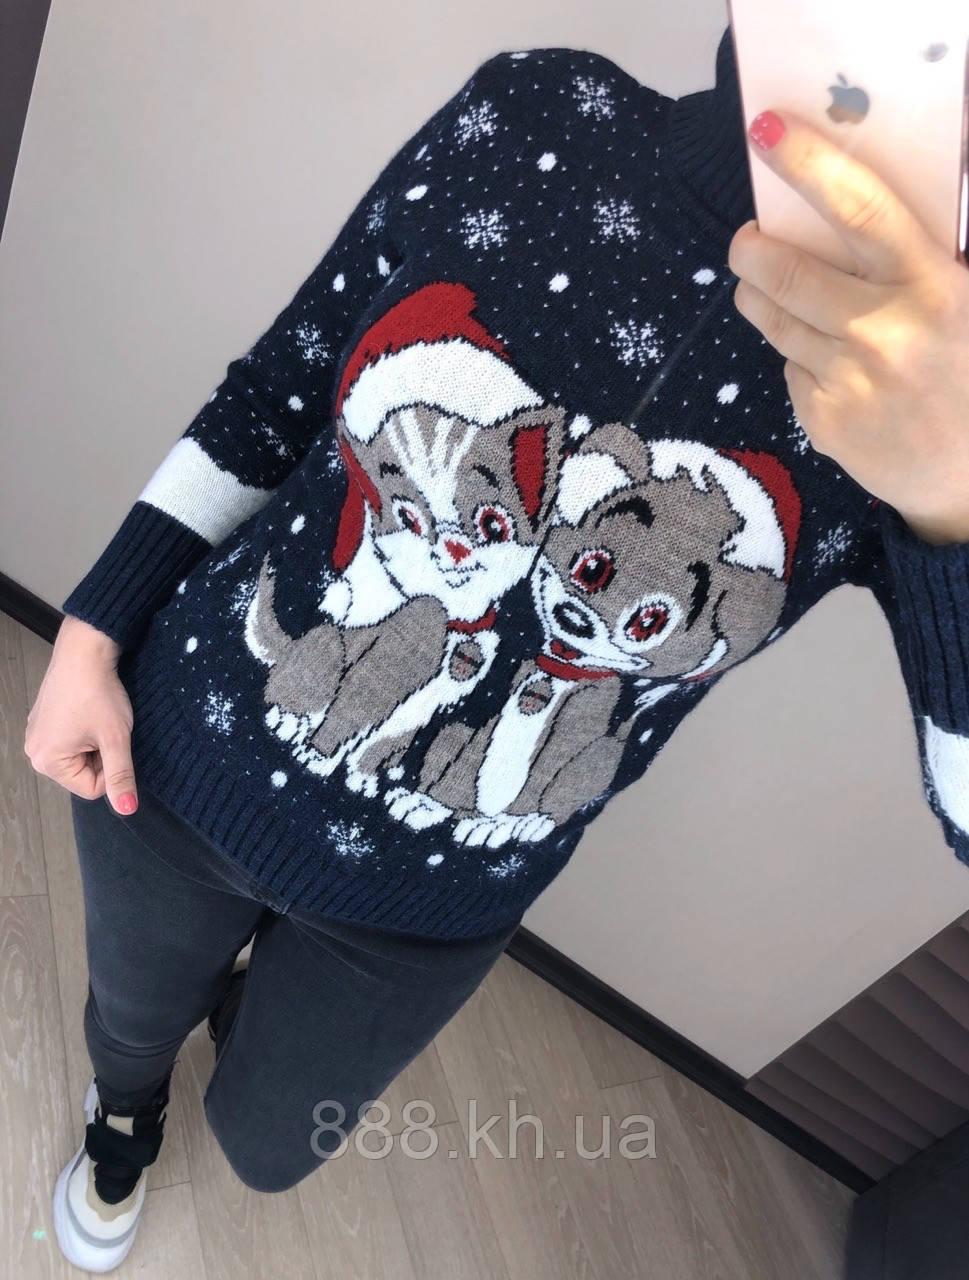 Чудесный шерстяной праздничный женский свитер с собачками (вязка)